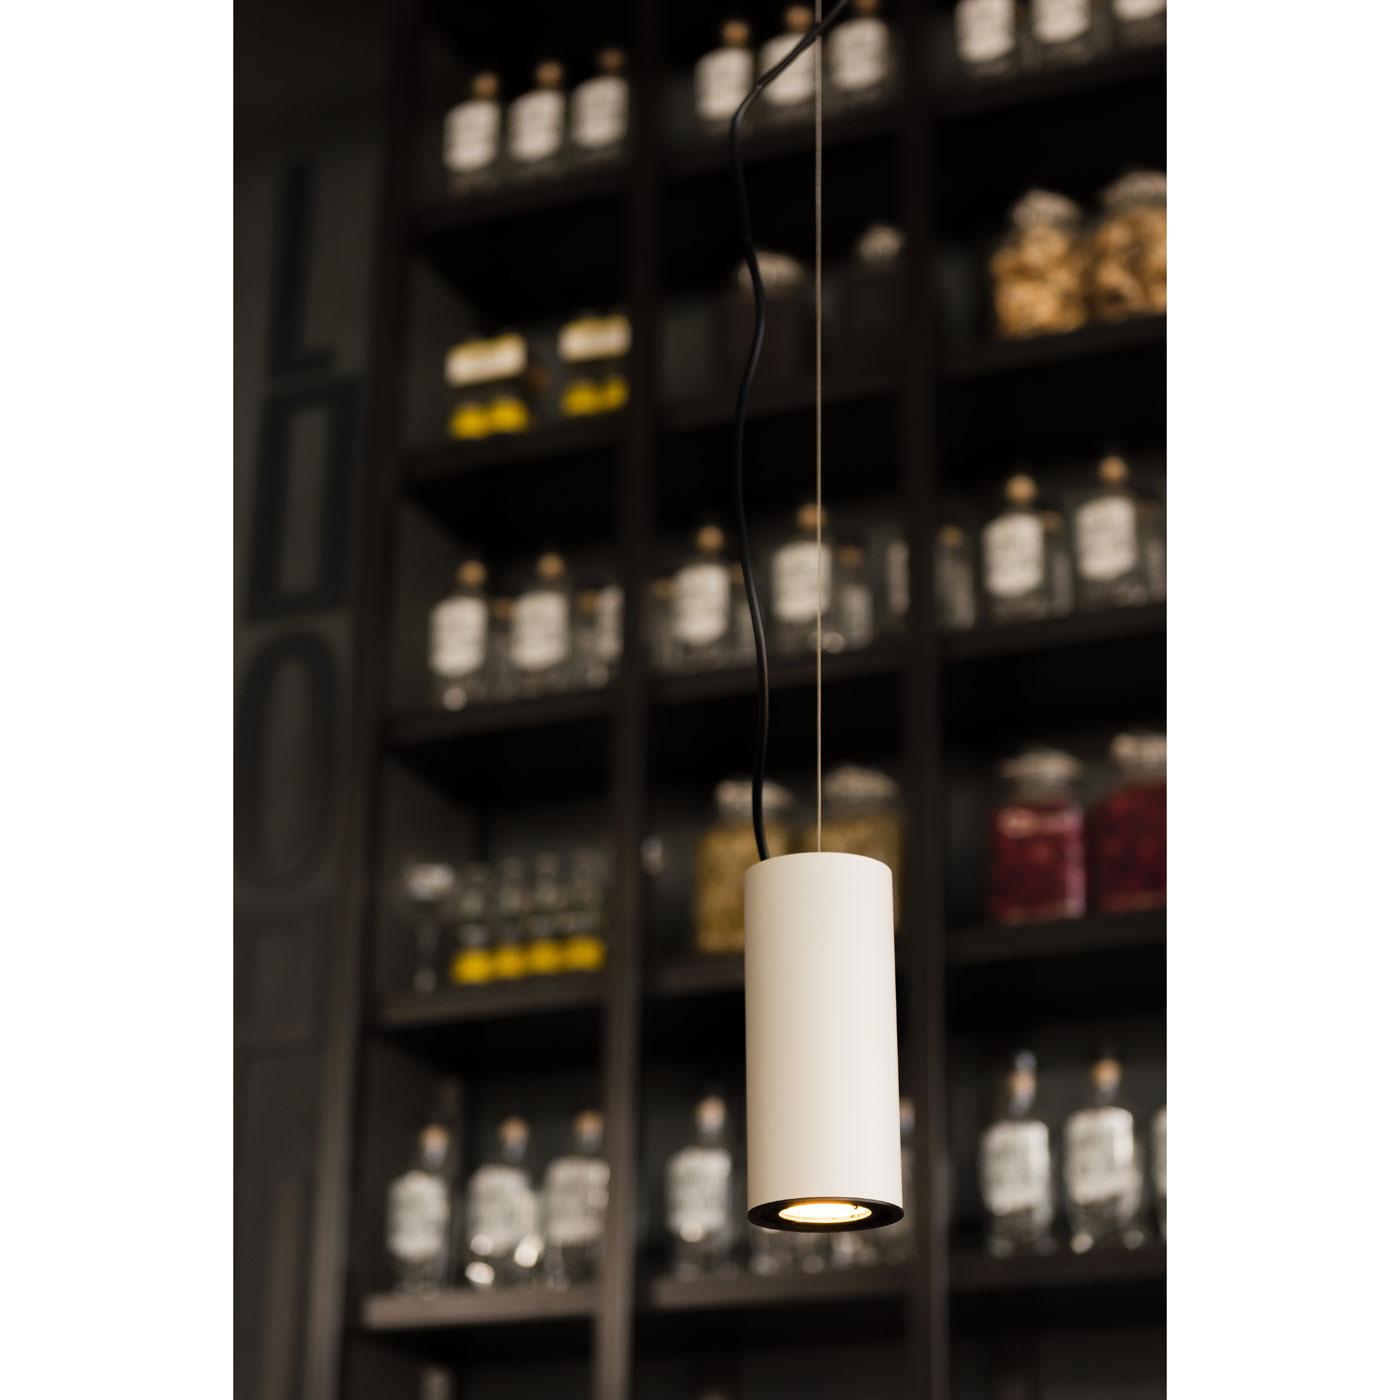 Bellalite Supros 78 Svart Takpendel LED